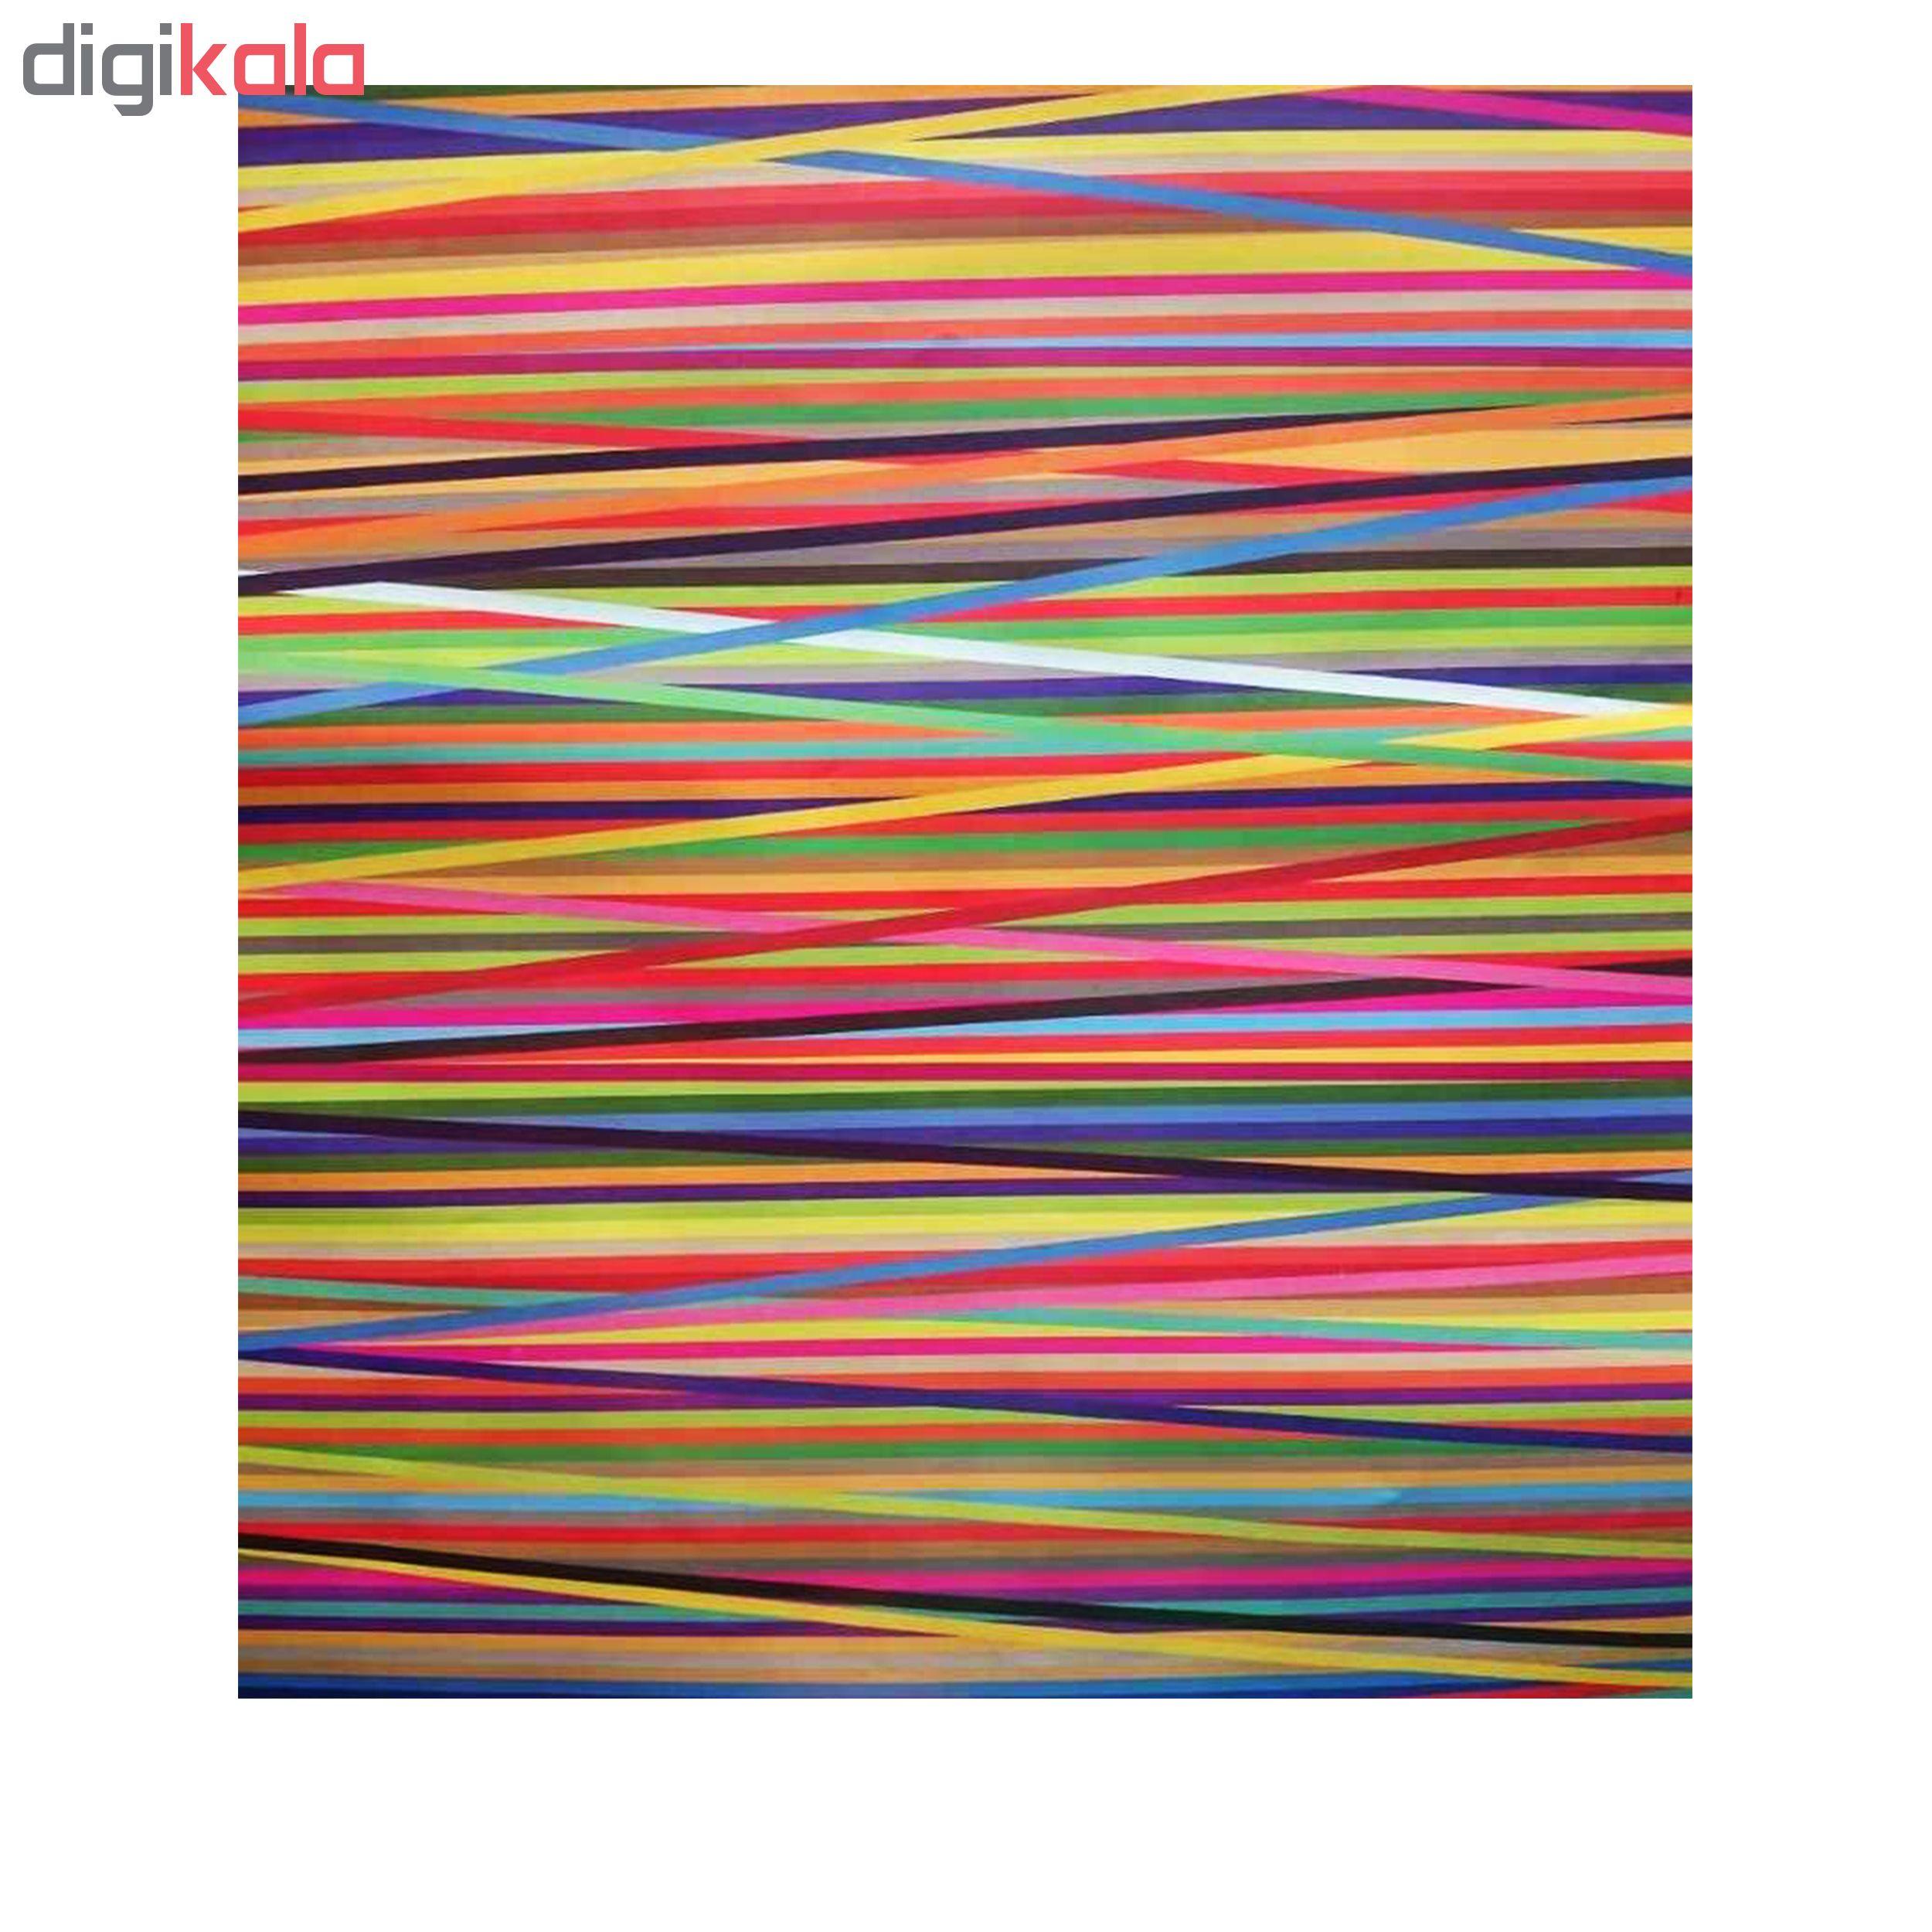 کاغذ کادو طرح رنگین کمان کد 342 بسته  5 عددی main 1 2